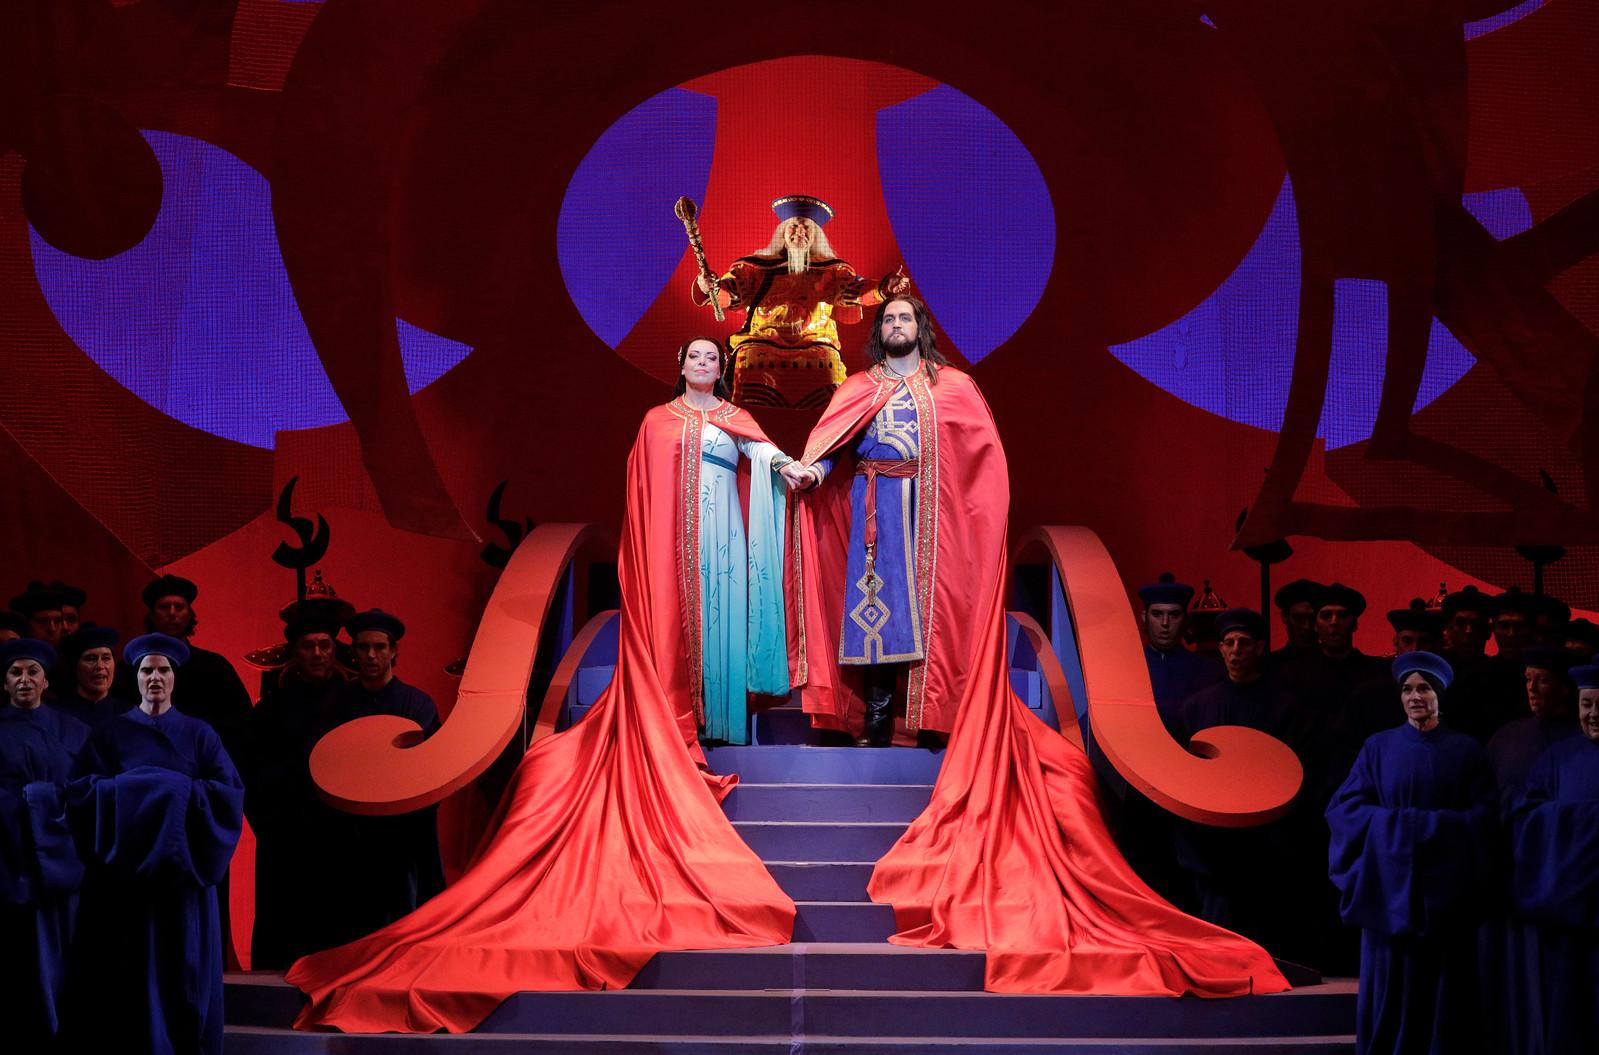 Nina Stemme as Princess Turandot and Brian Jagde as Calaf, with Robert Brubaker as Emperor Altoum